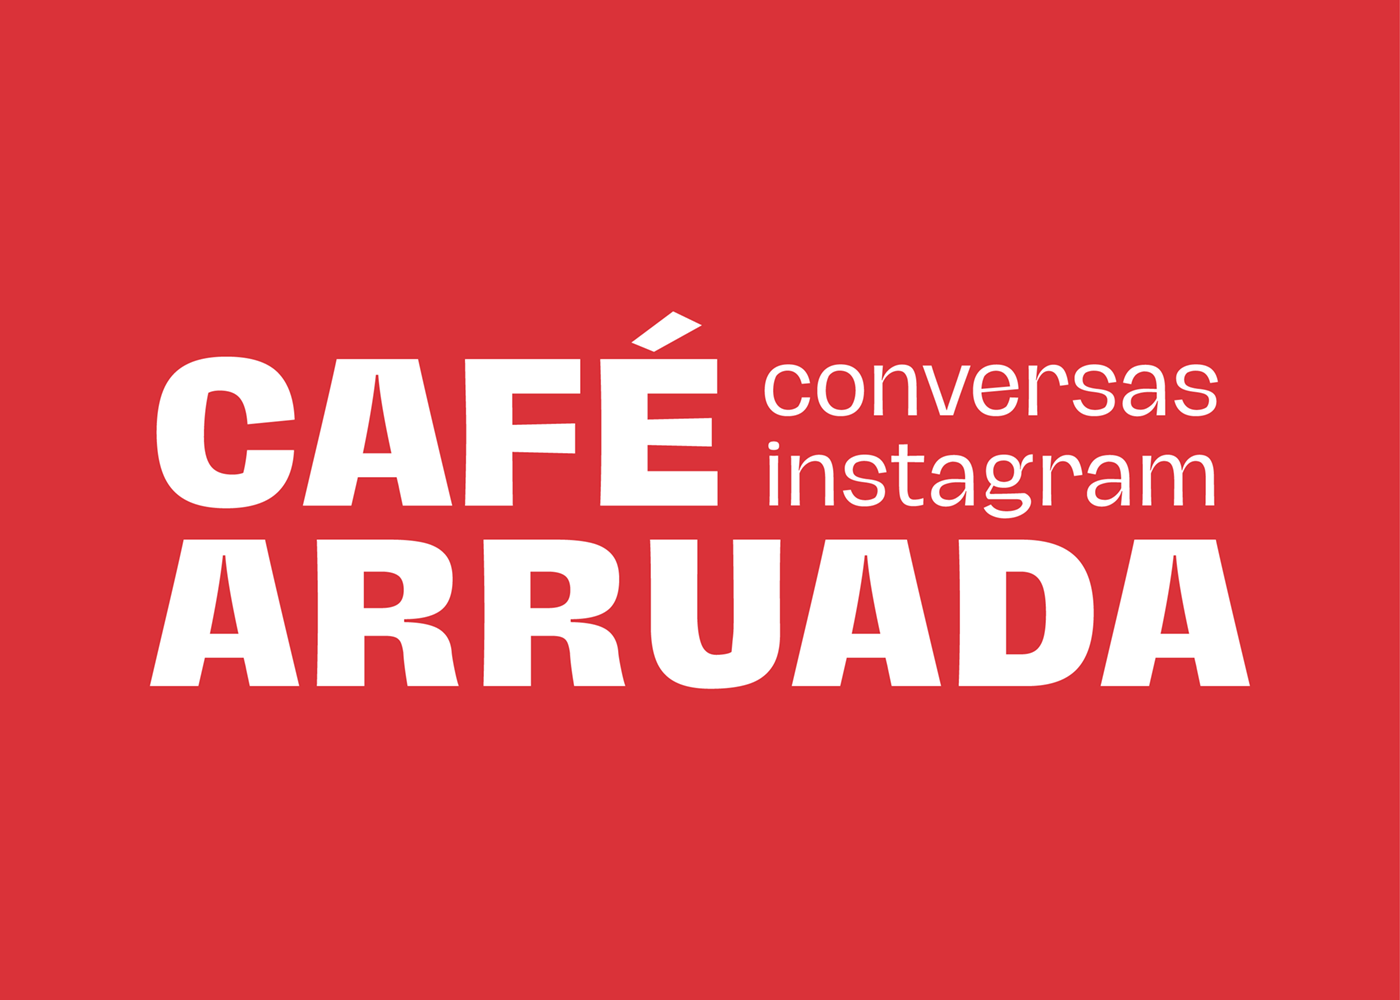 Café Arruada